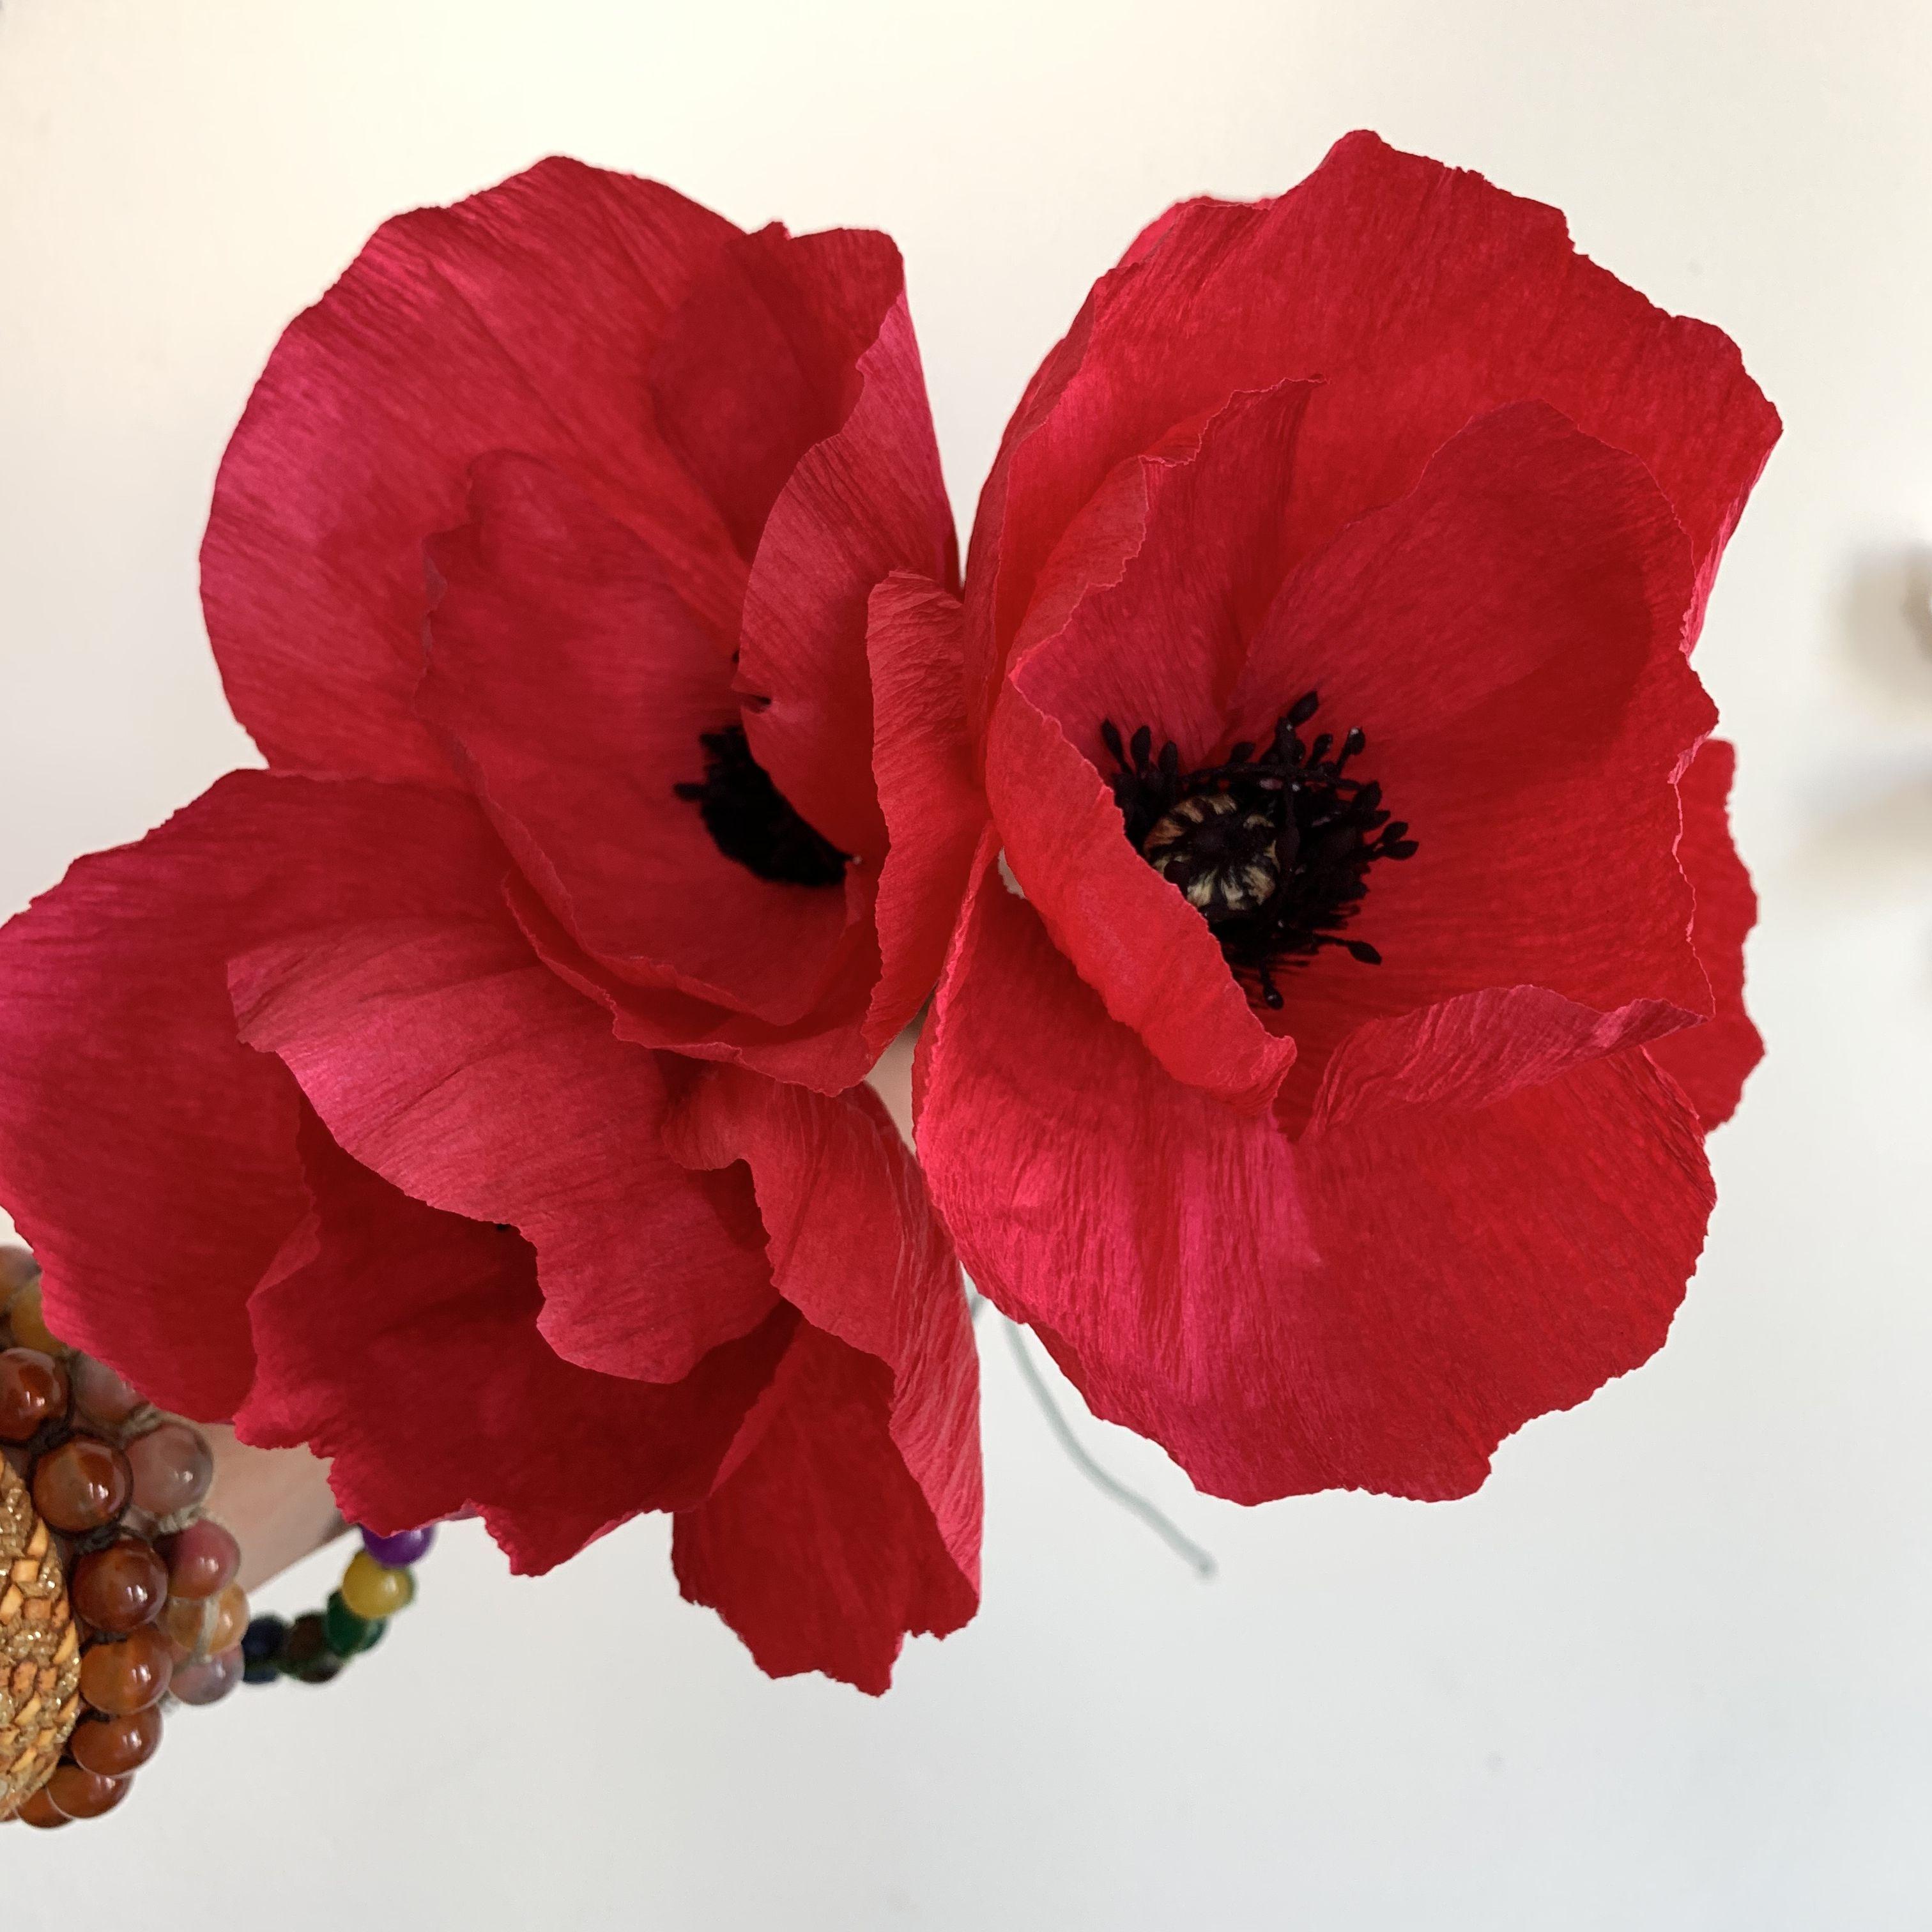 Papaveri Di Carta Crespa una nuovo bouquet è in lavorazione. al suo interno avrà